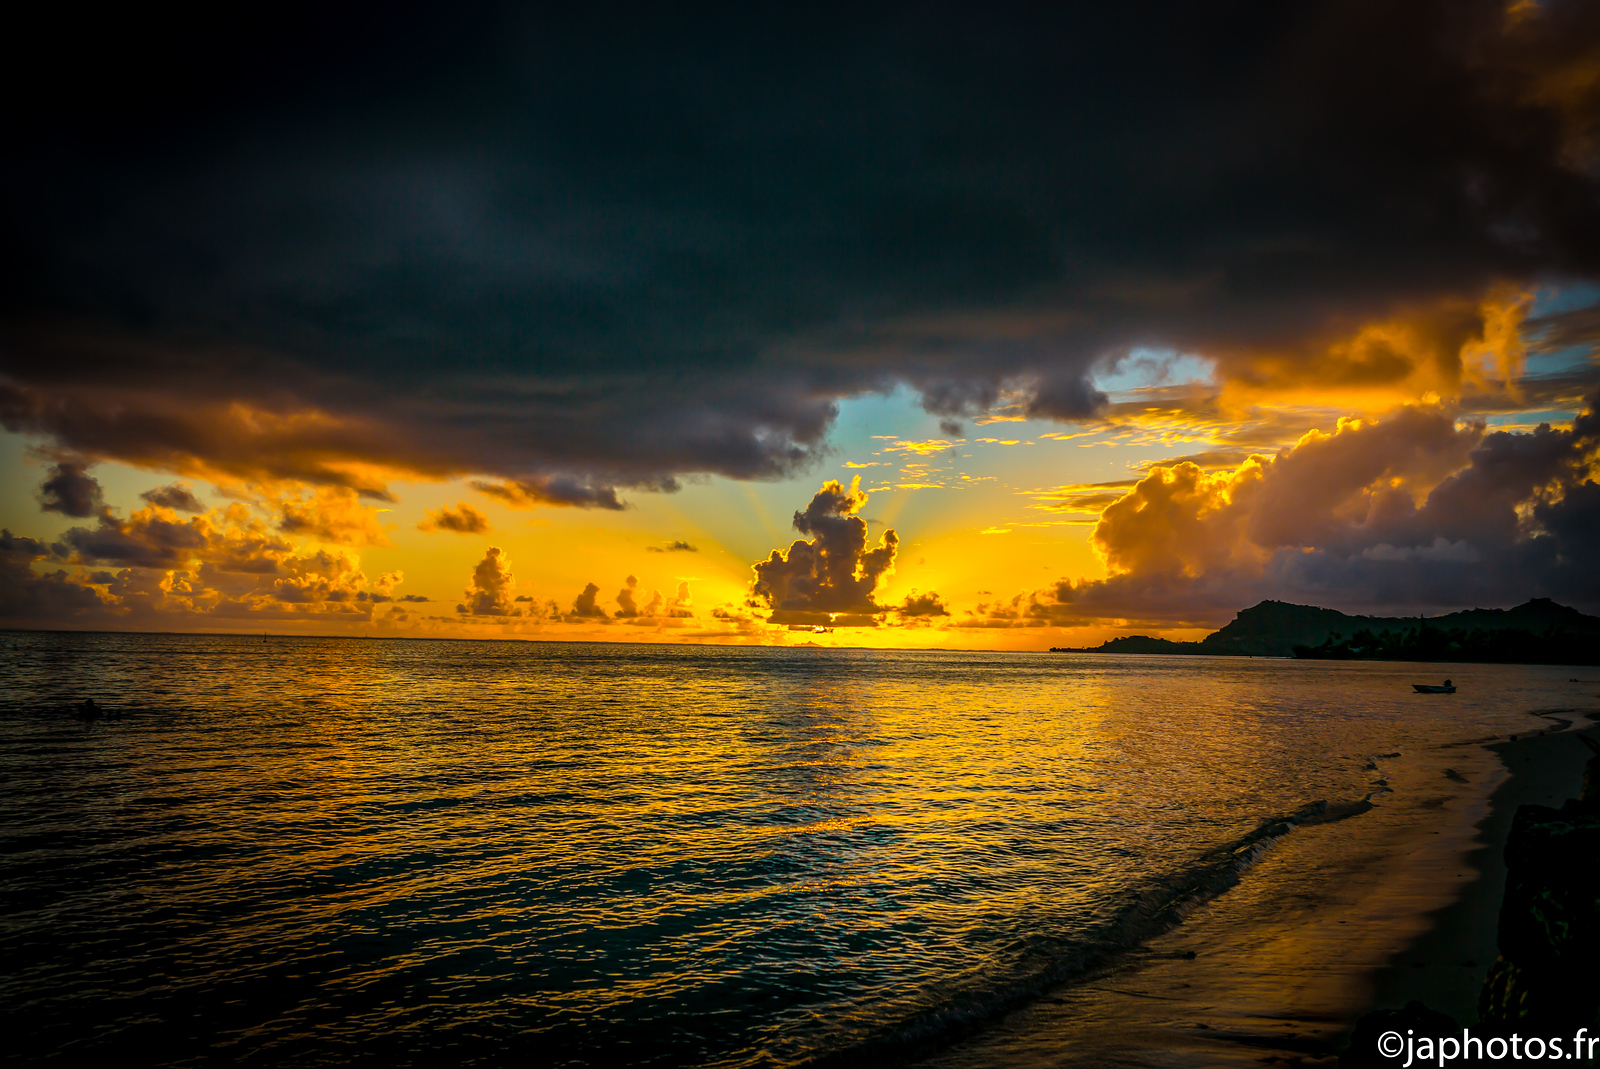 Sunset, Bora Bora, French Polynesia, April 2017